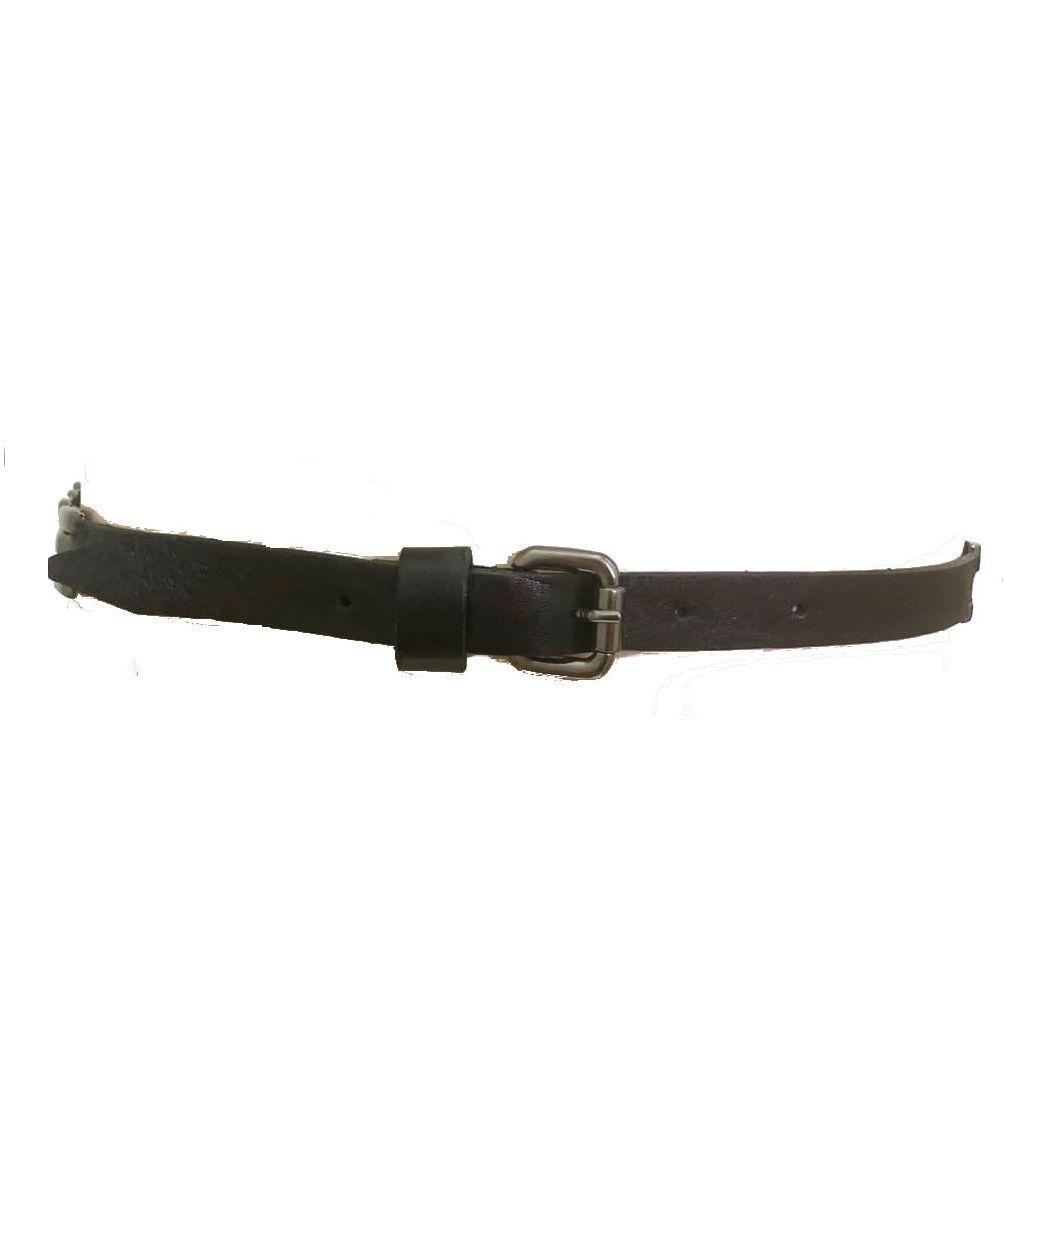 Cinto de Couro  Preto Fino  - 1,5cm - Cintos Exclusivos - Feminino